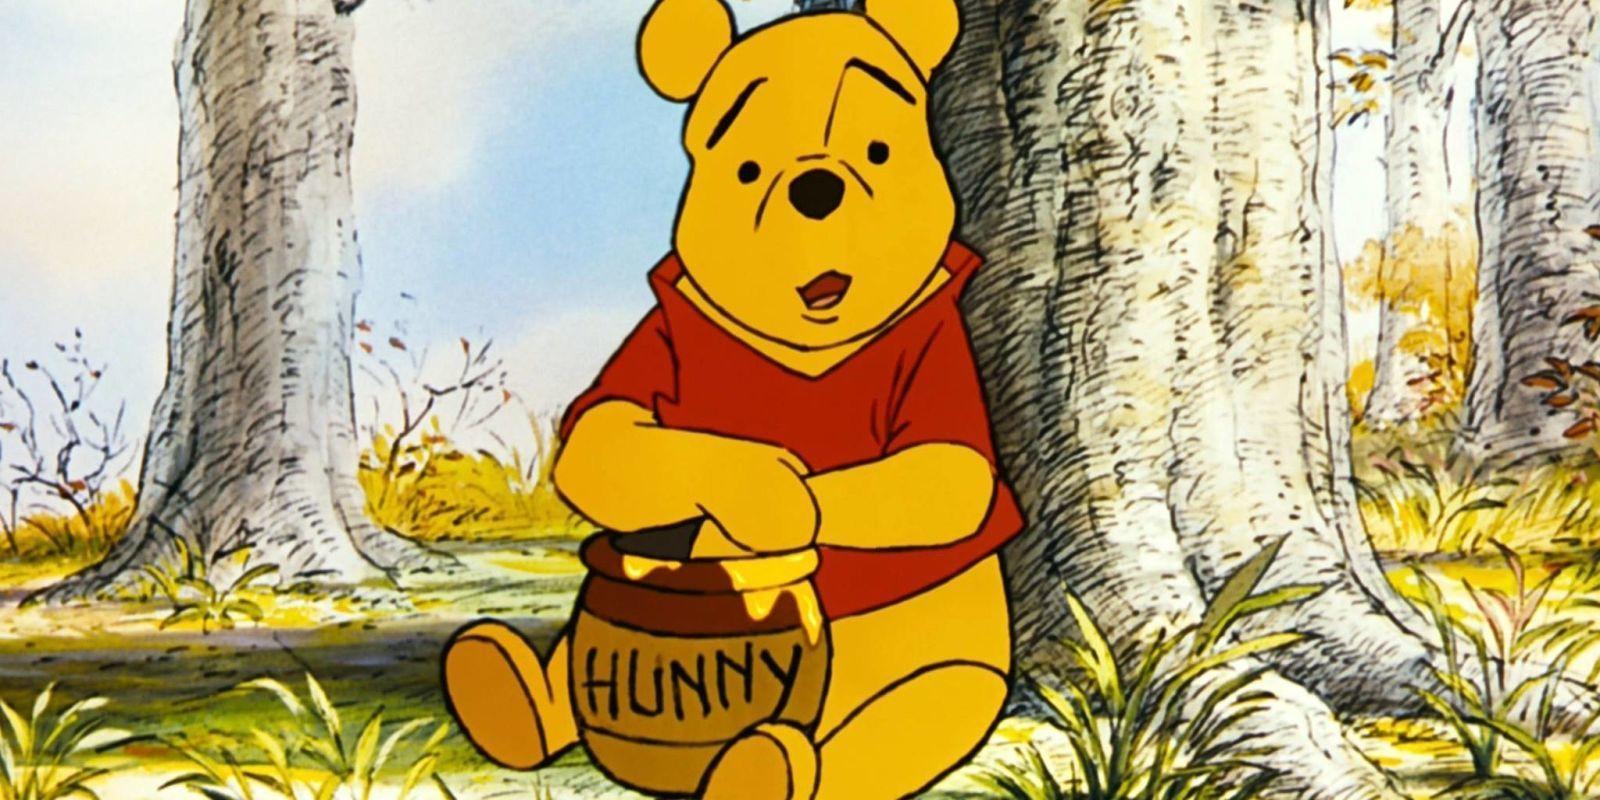 Terjawab sudah, Winnie The Pooh ternyata cewek!